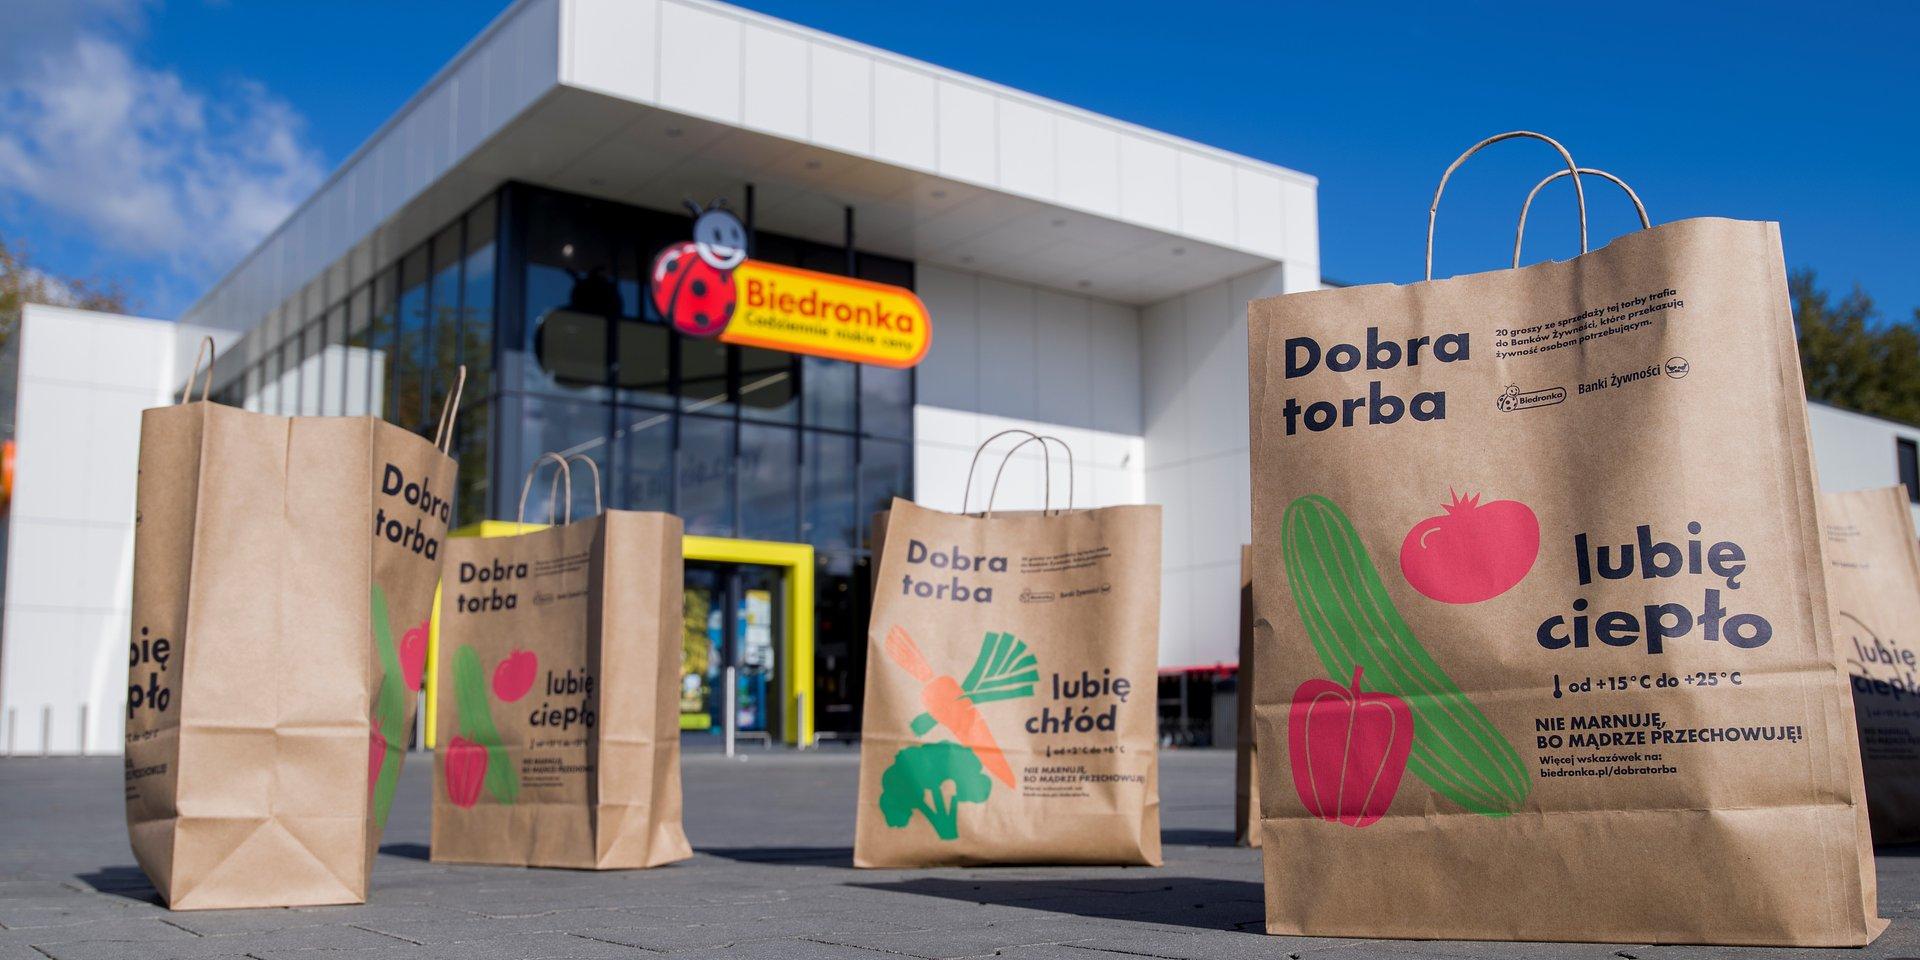 Blisko 70% przekazywanej do OPP żywności w Polsce pochodzi od Biedronki